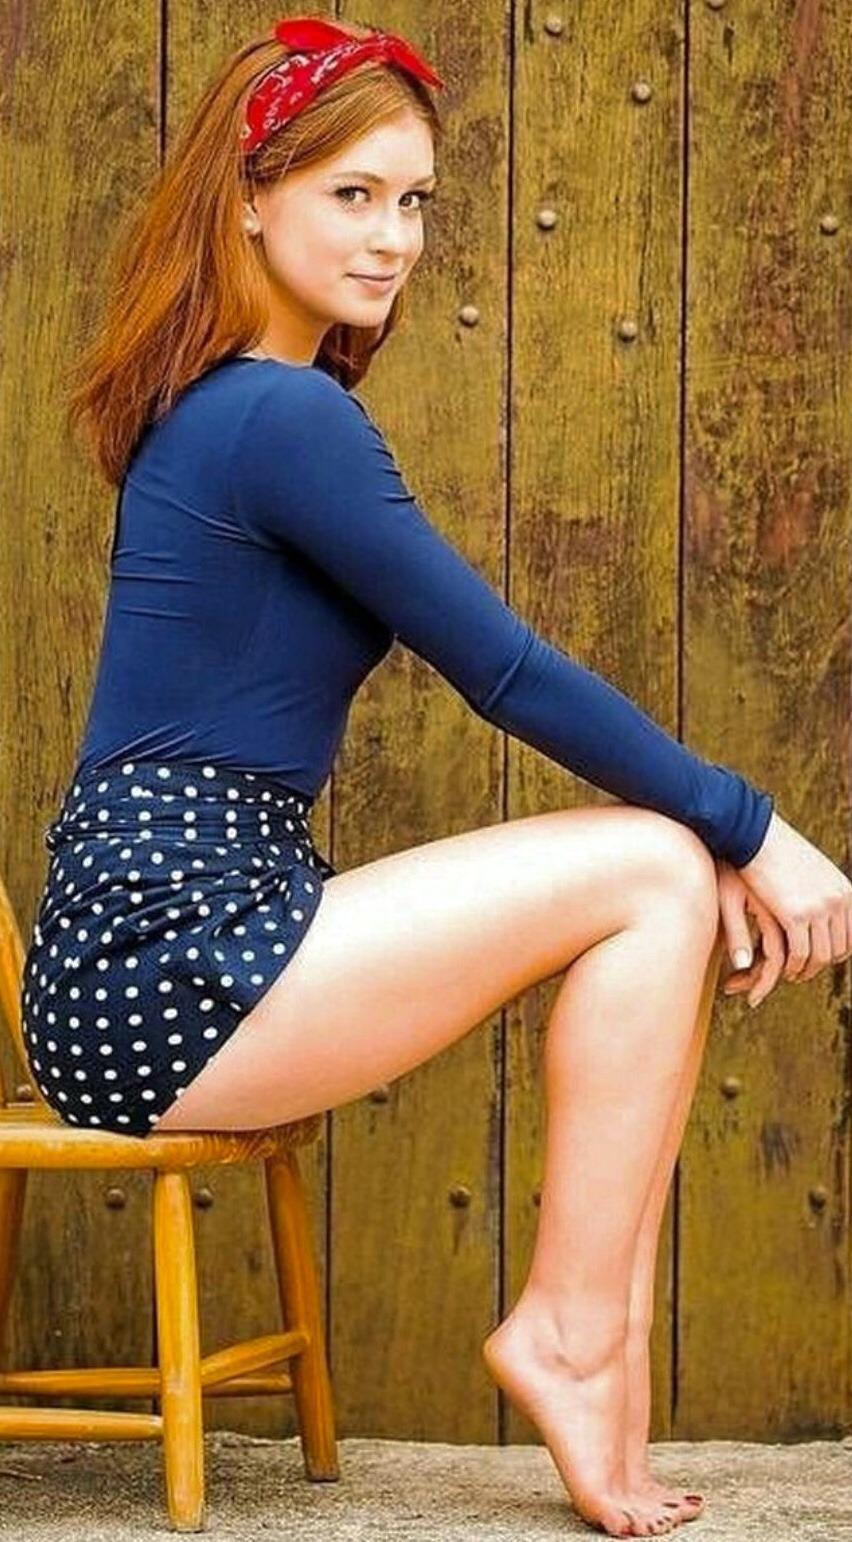 hot amateur ass